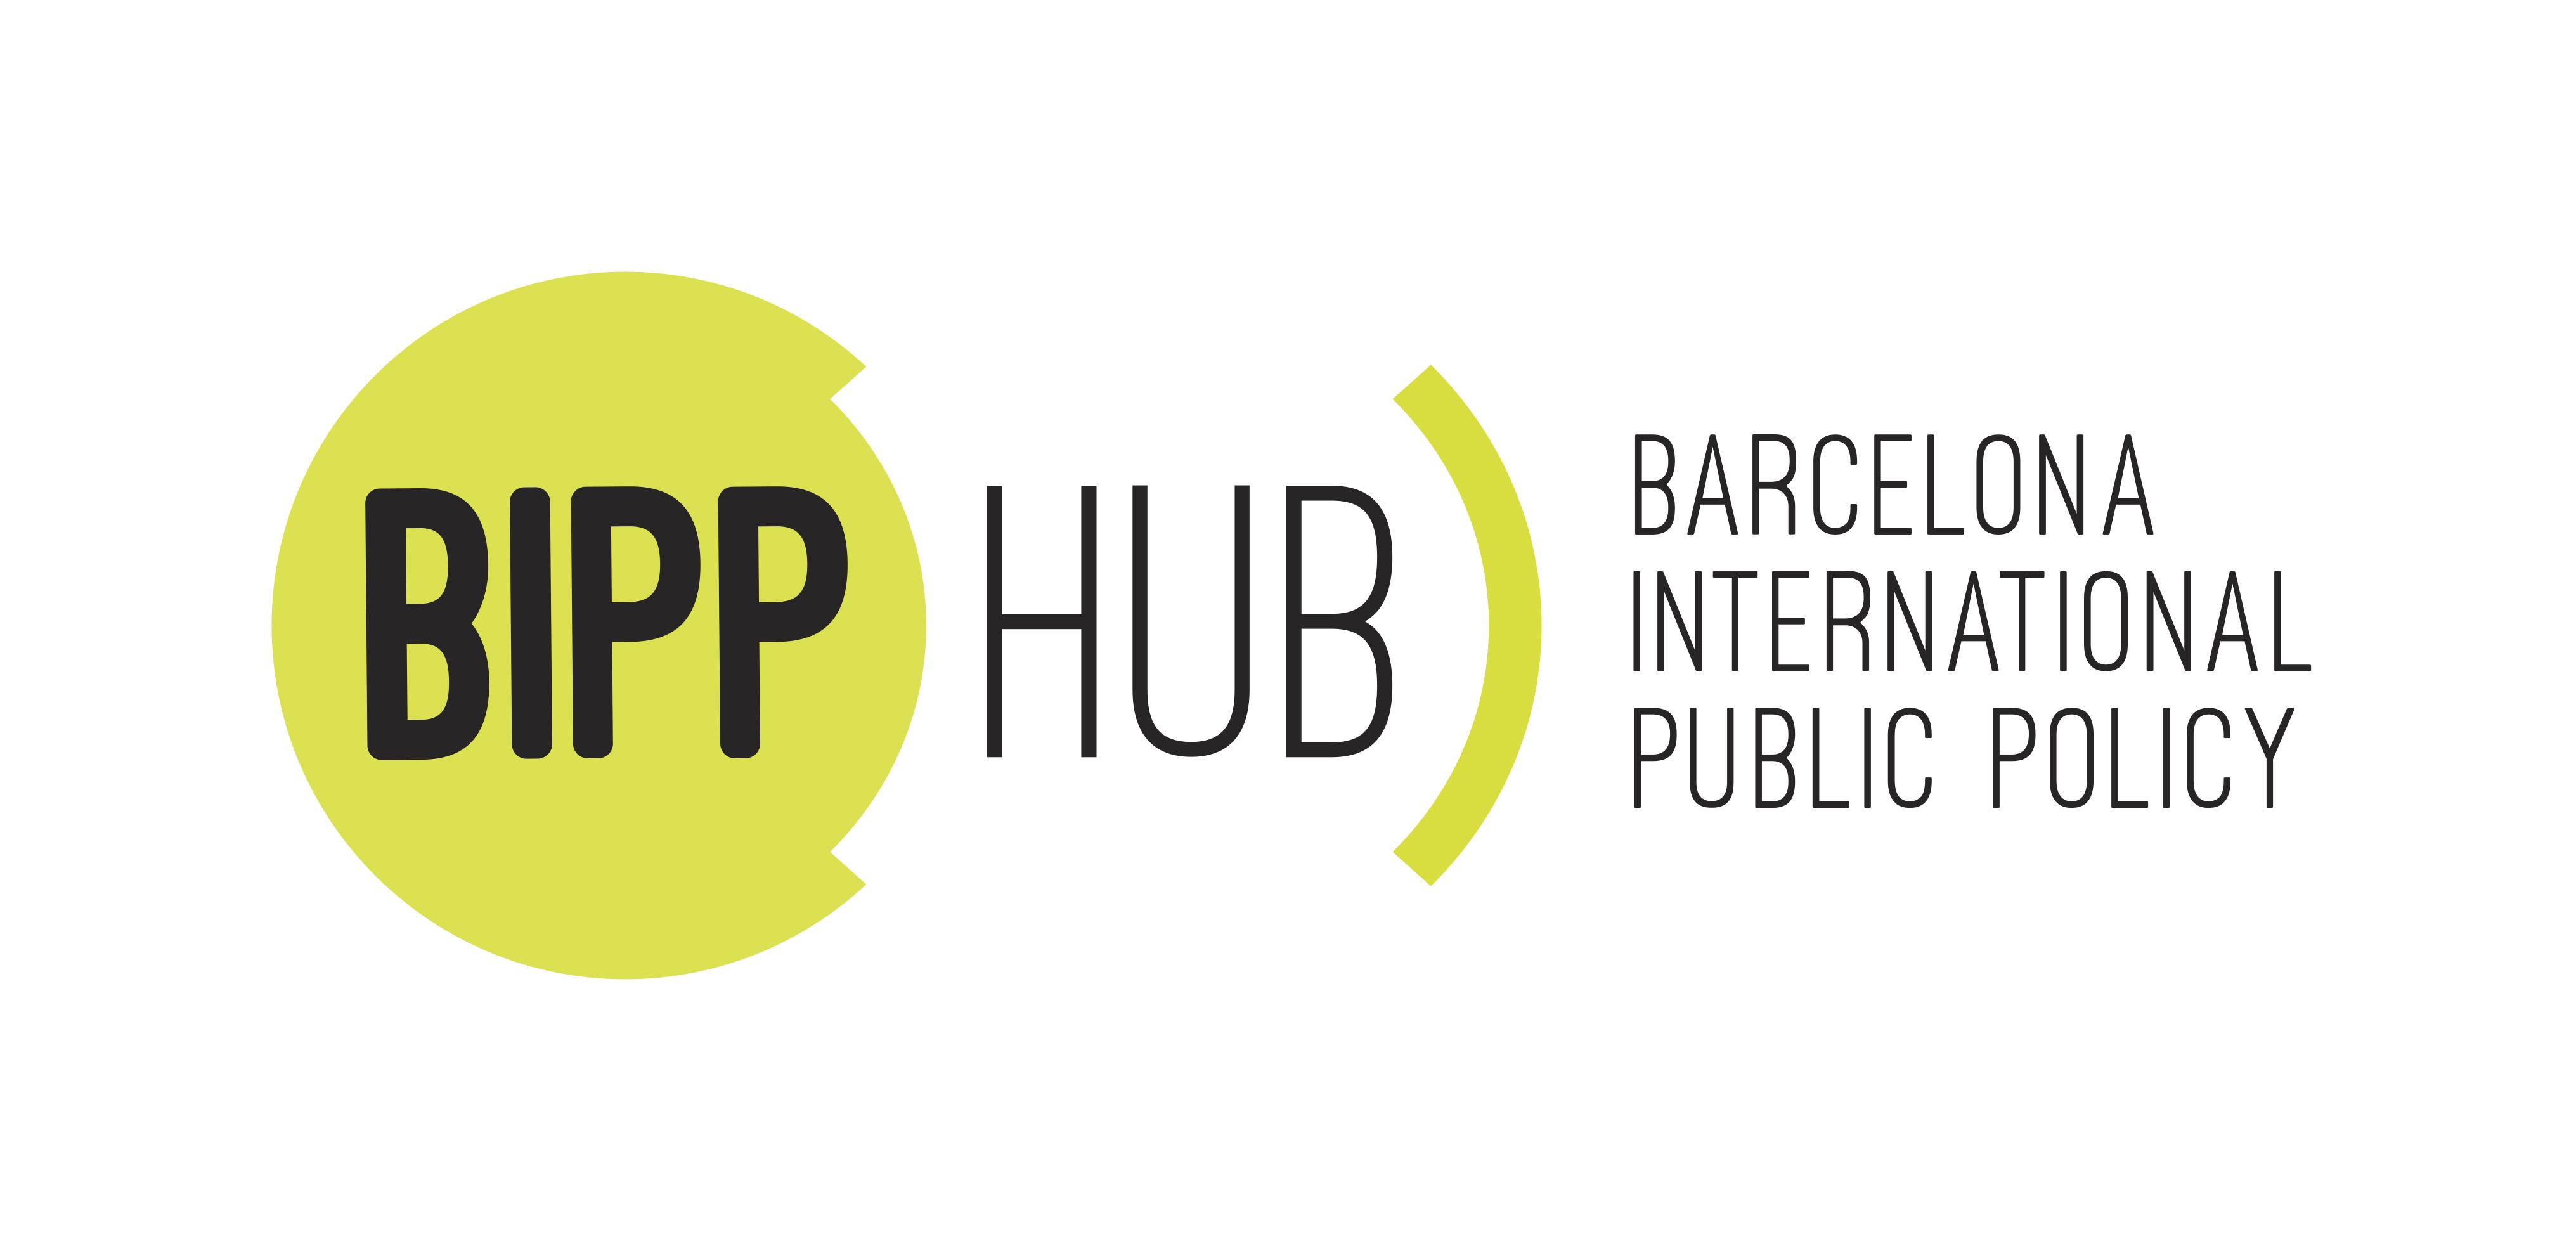 BIPP HUB